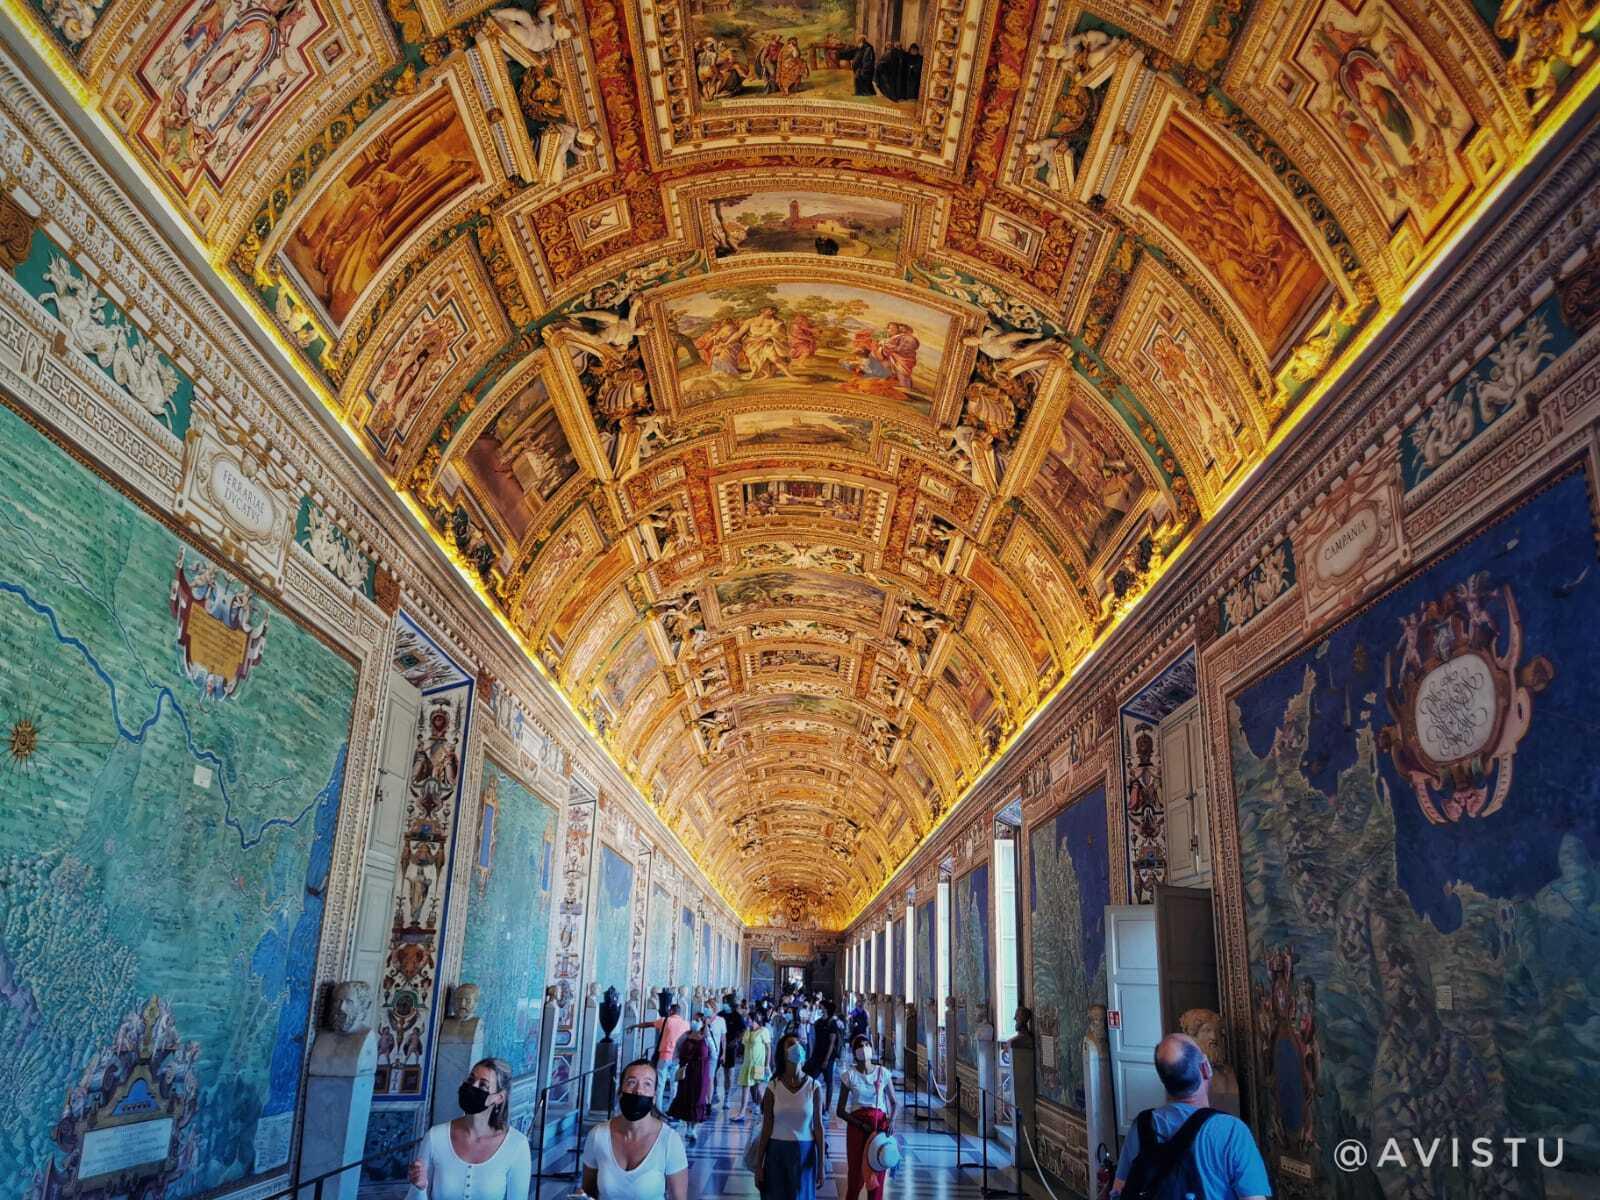 Galería de los Mapas, Museos Vaticanos, Roma